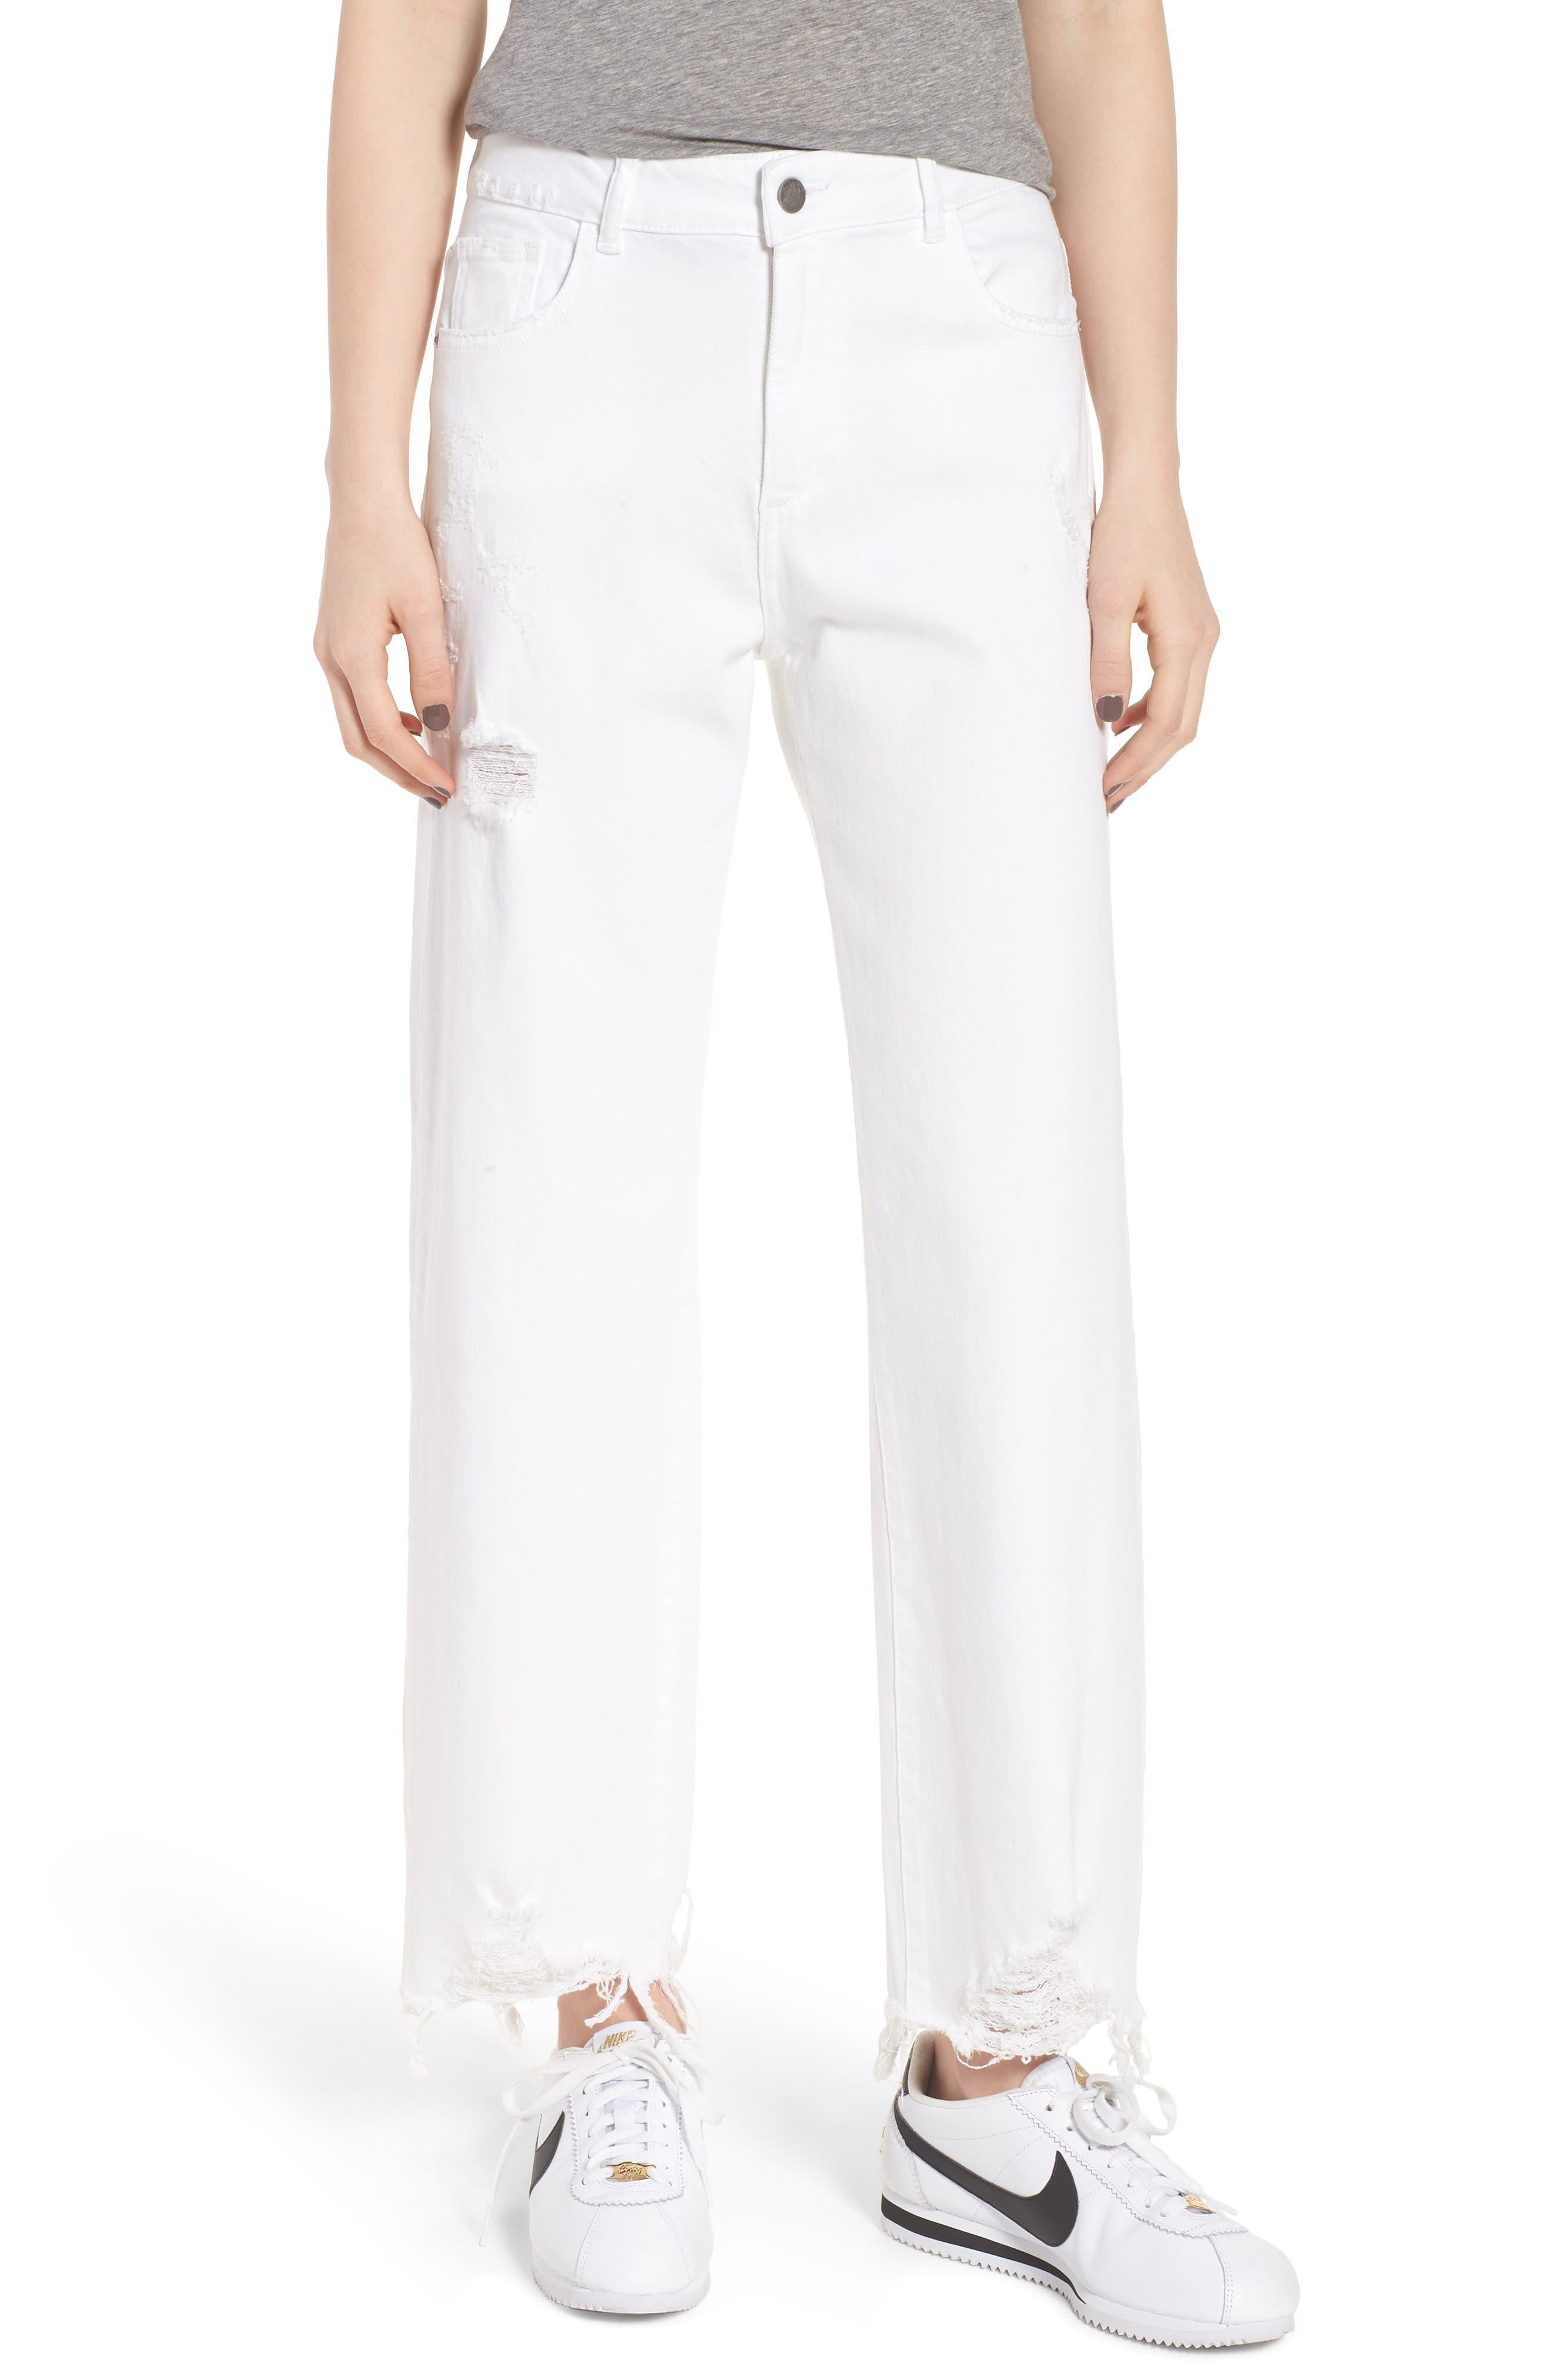 DL1961 Hepburn High Waist Wide Leg Jeans (Sacramento)